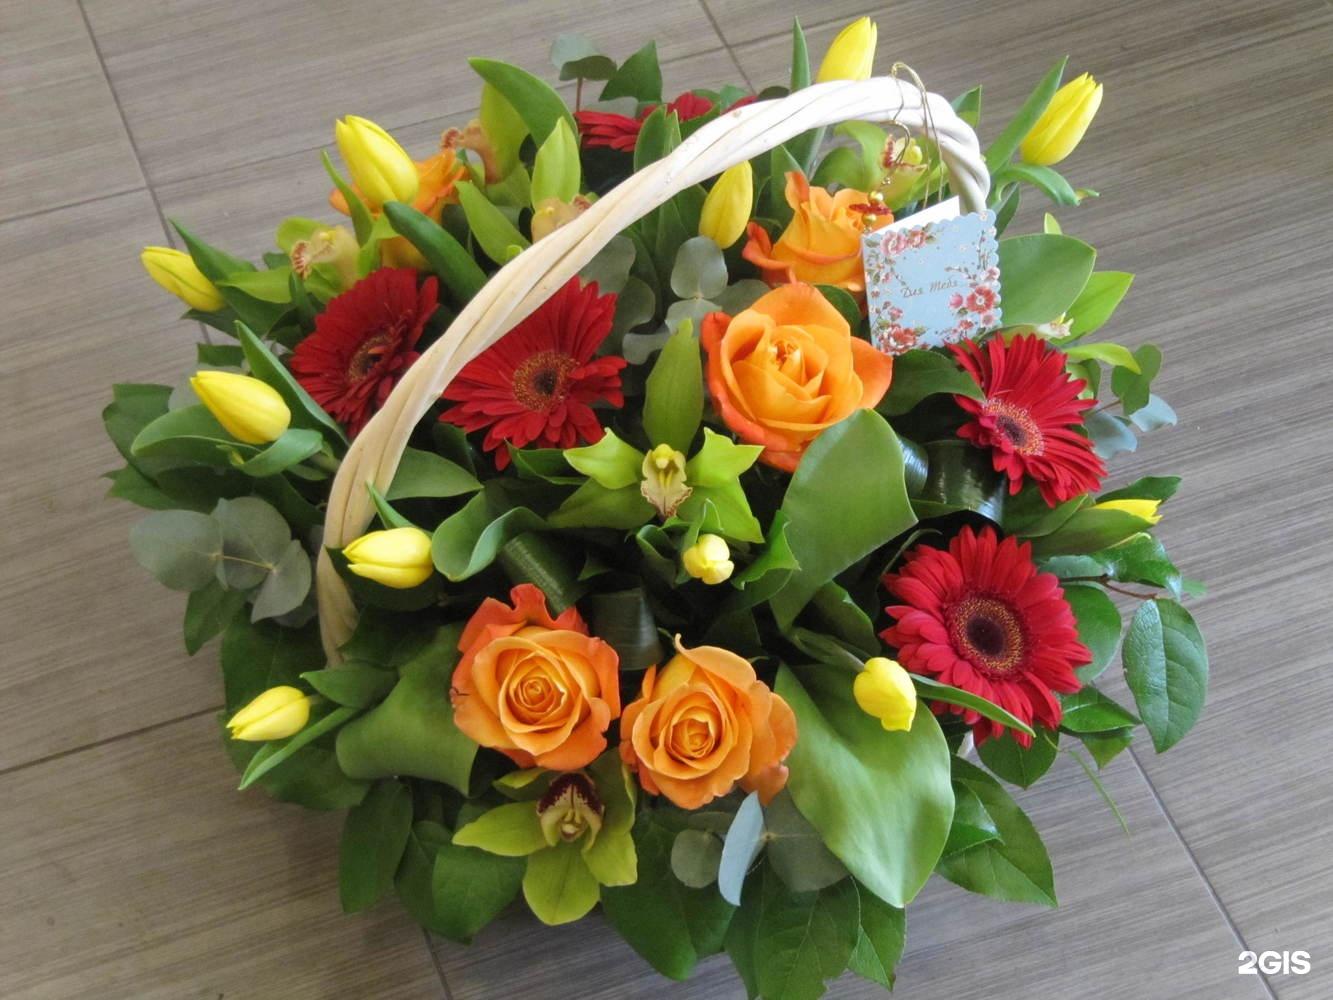 Цветы сокольники, цветы тюмень оптовый склад